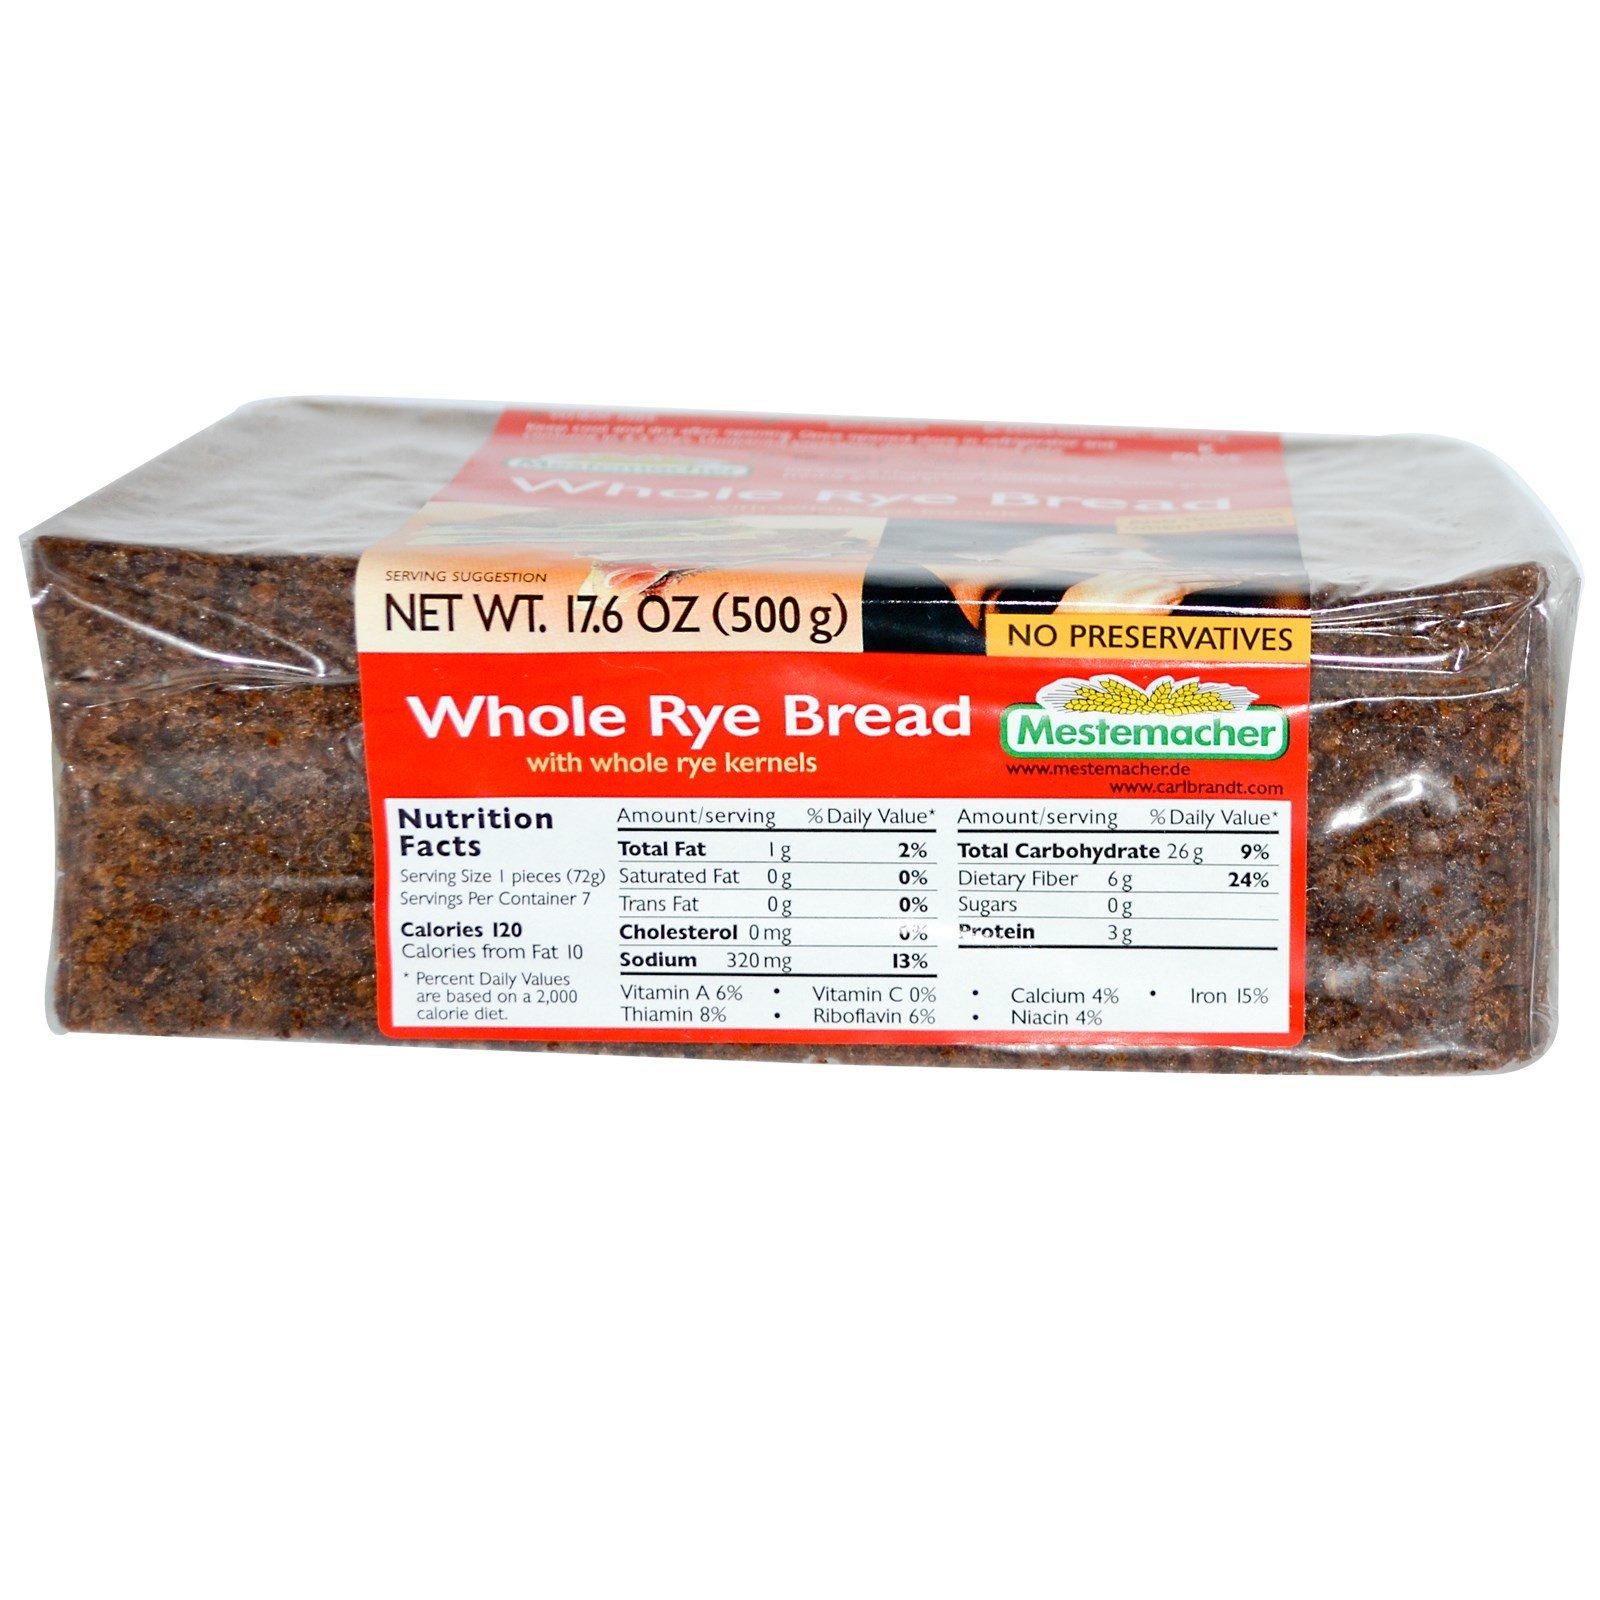 Mestemacher Цельнозерновой ржаной хлеб 176 унций (500 г)